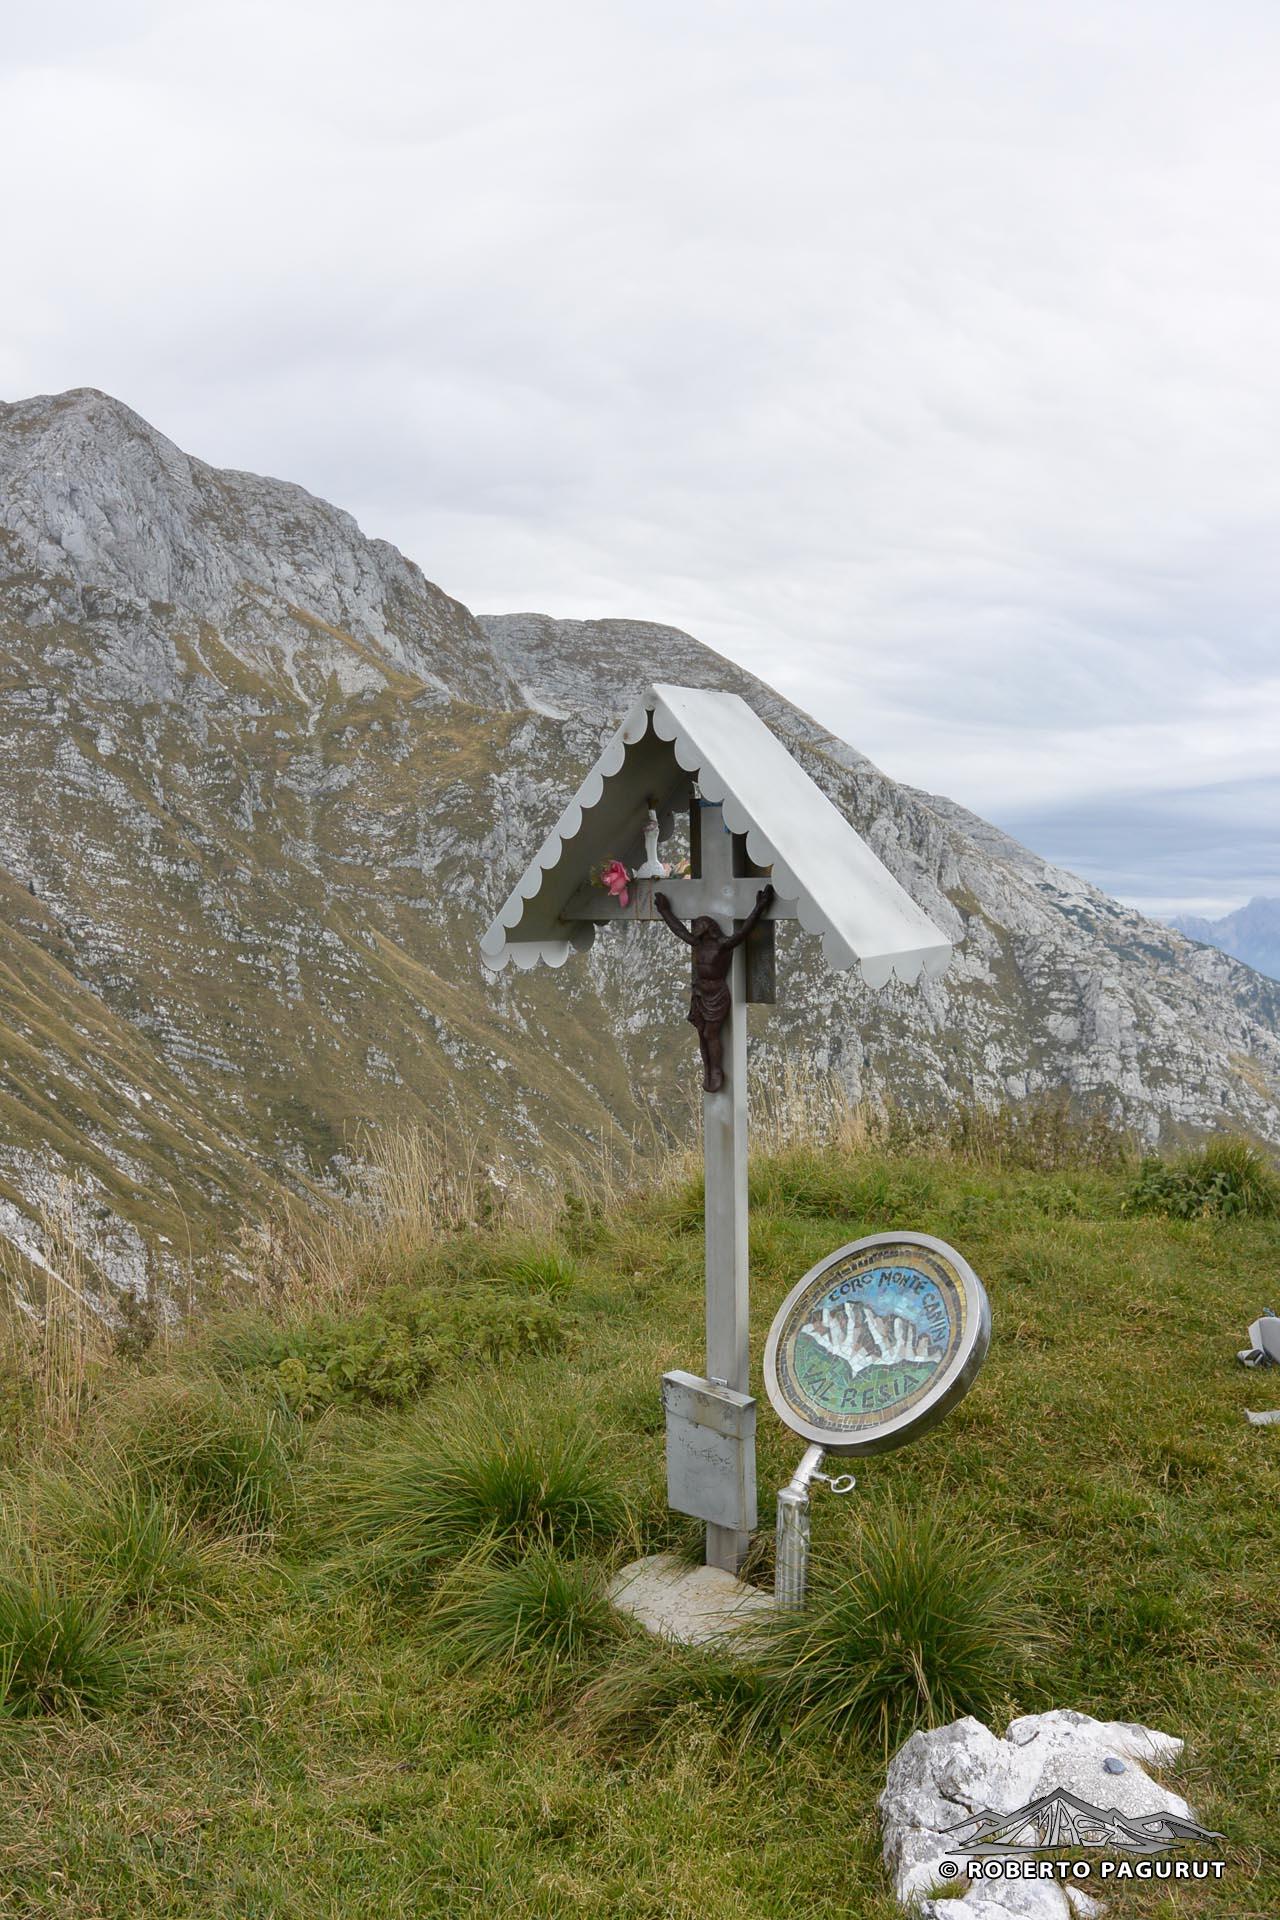 Monte Guarda e Monte Plagne.